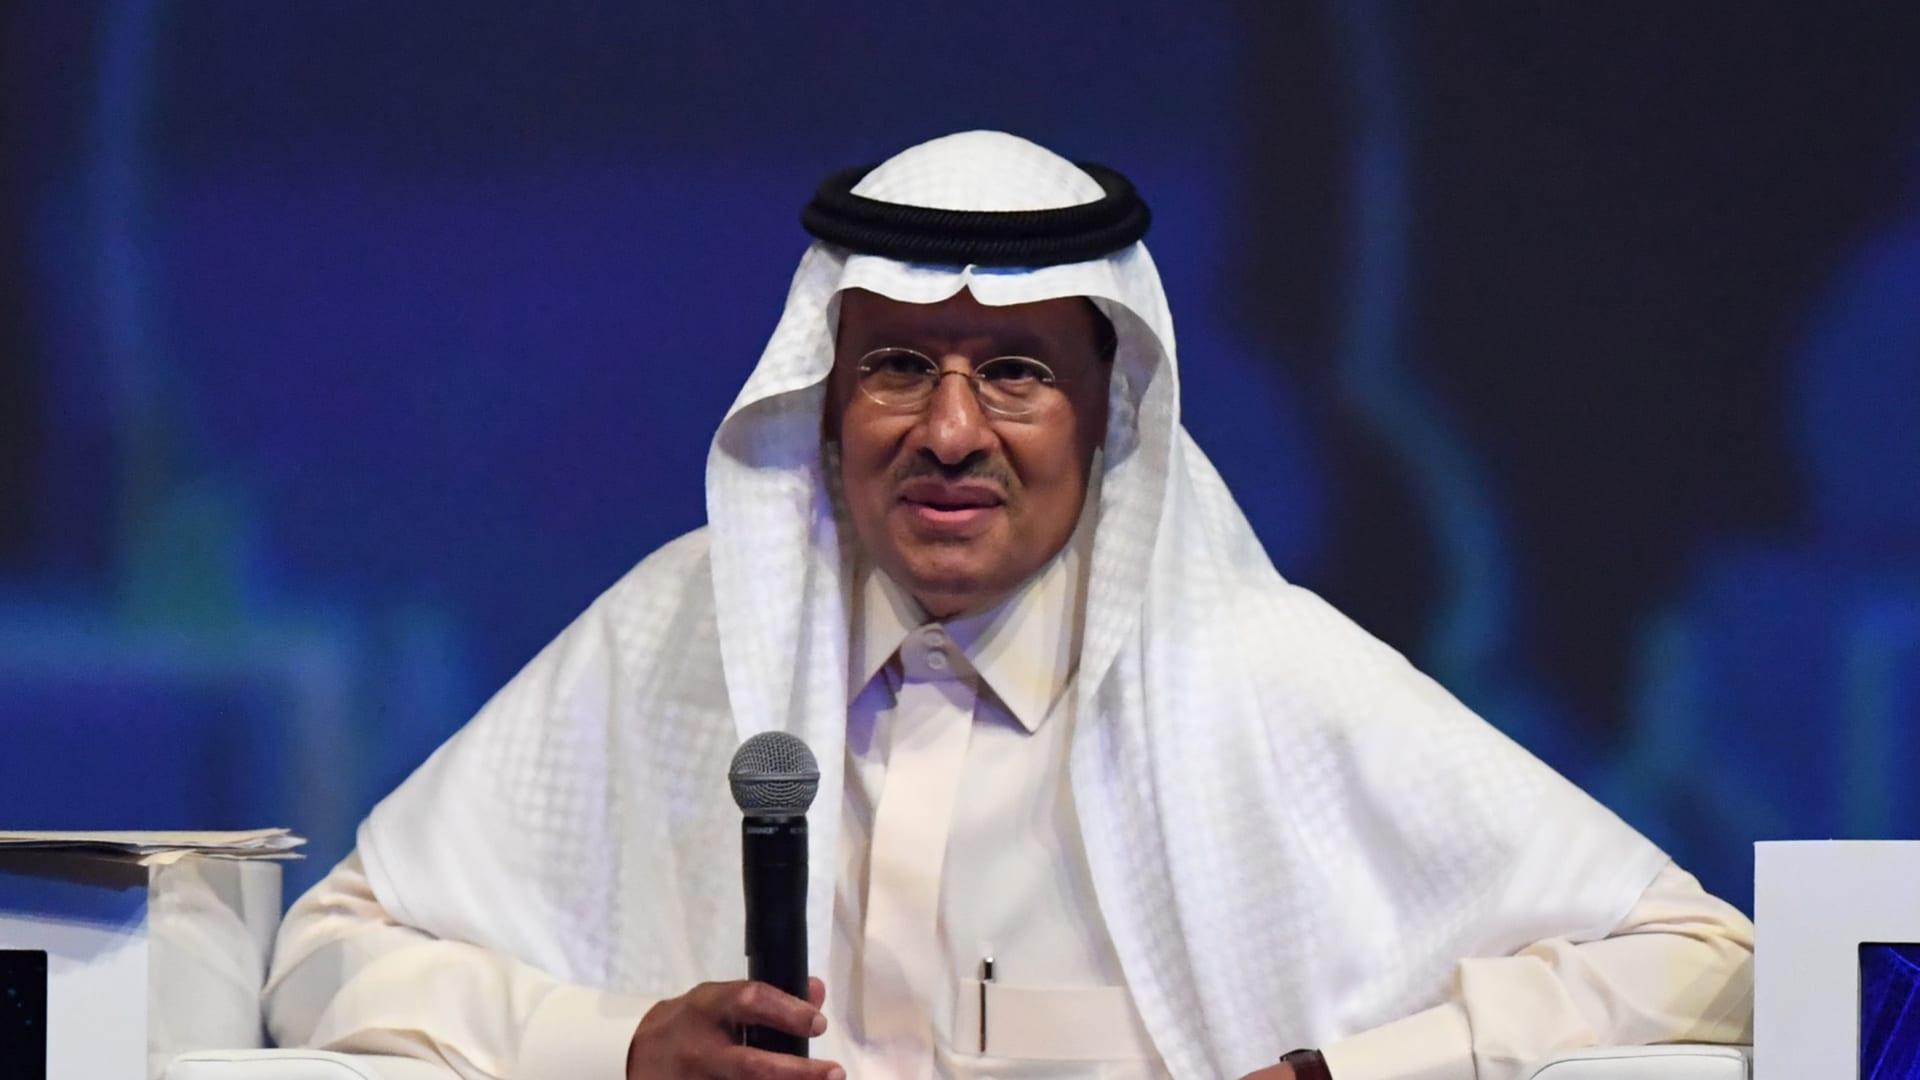 """وزير الطاقة السعودي يصف صحفيًا بريطانيًا بـ""""الغبي"""" بعد سؤال حول مزاعم اختراق هاتف جيف بيزوس"""